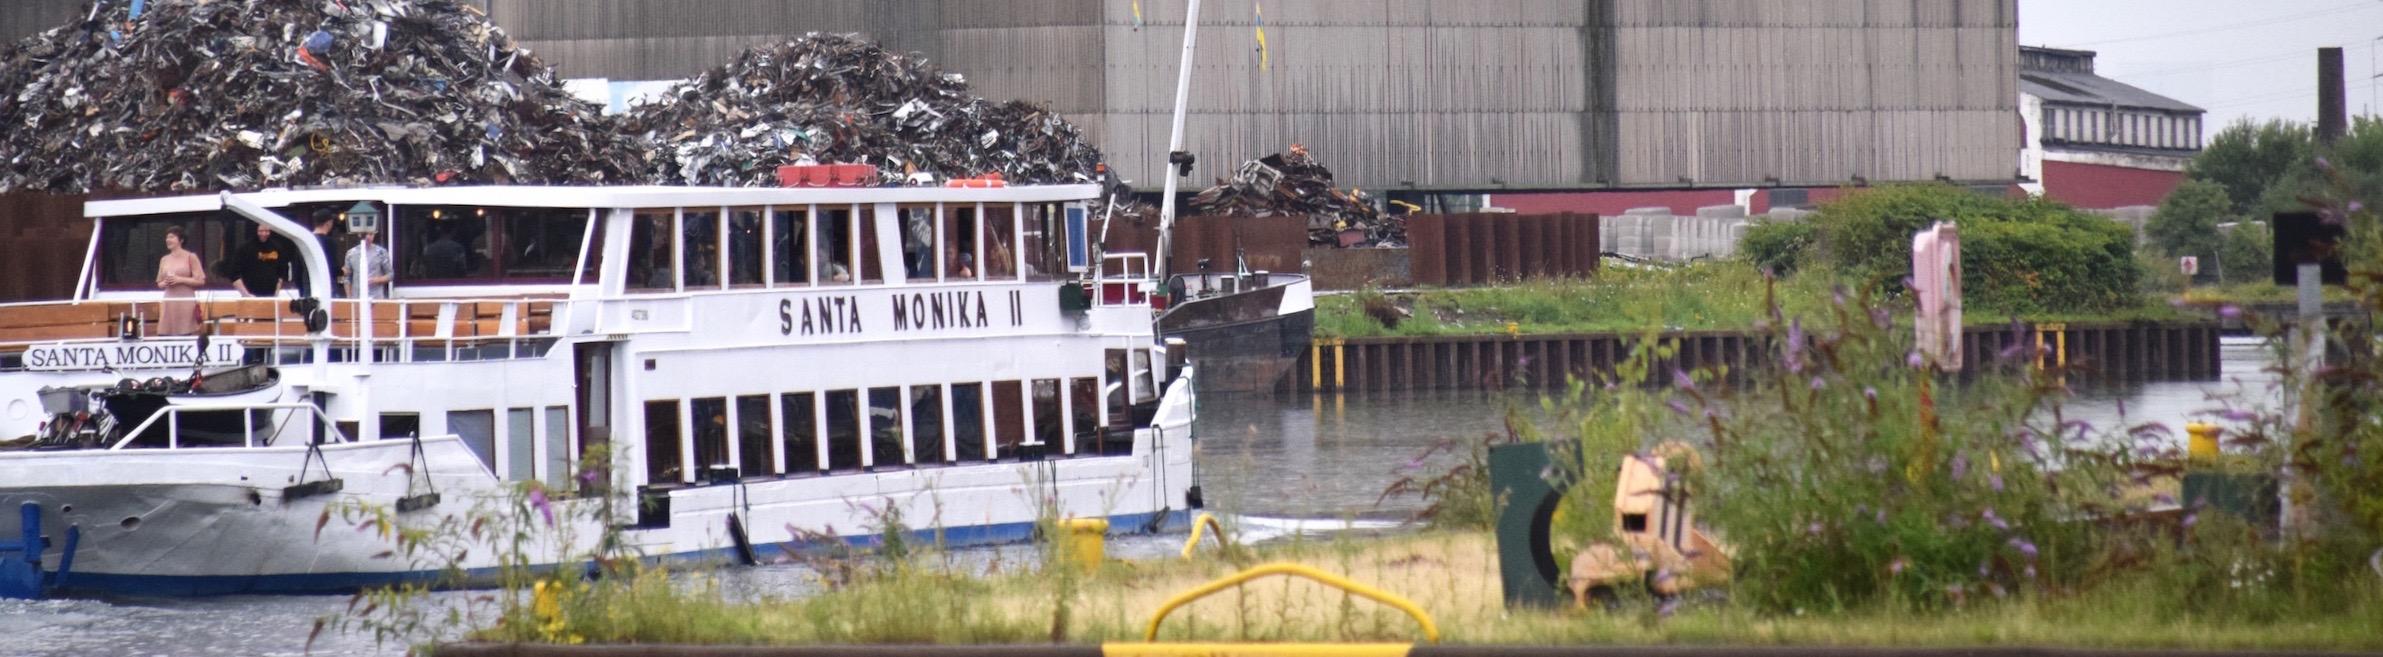 Santa Monika II macht eine Hafentour. ©mhu